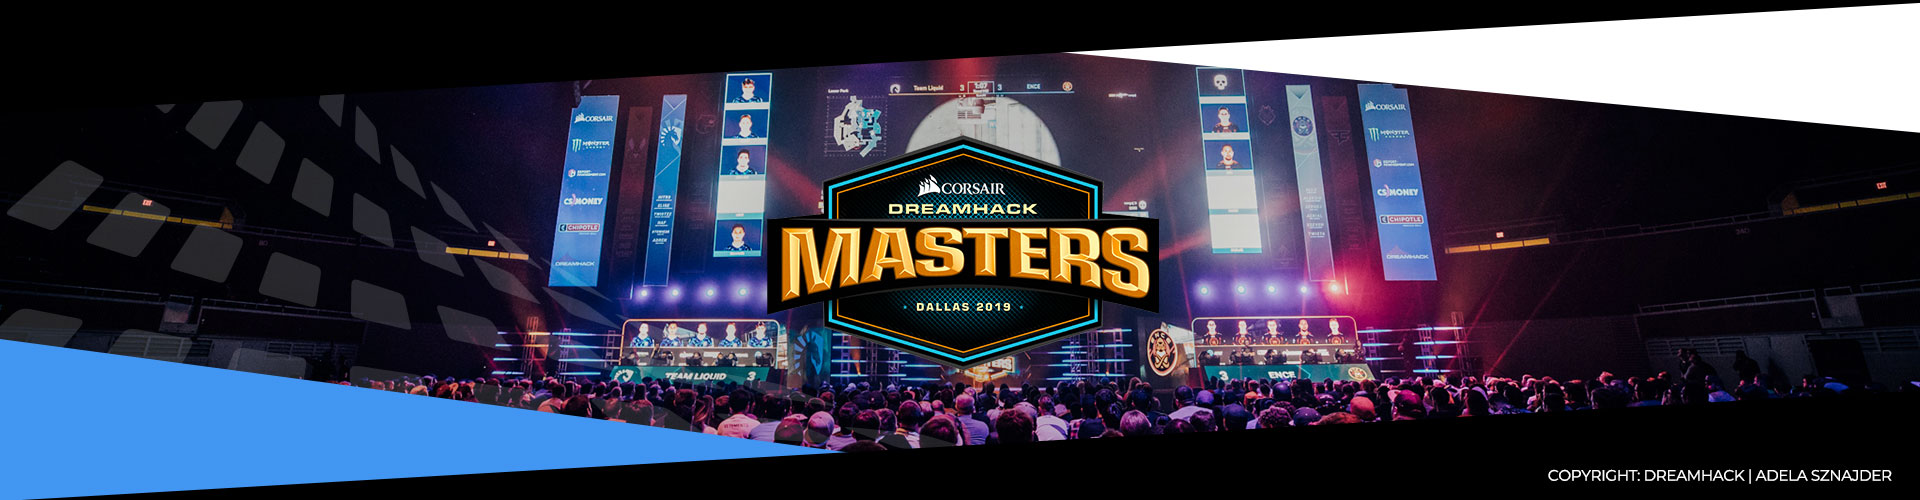 Eventsida för Dreamhack Masters Dallas som spelas i Maj 2019